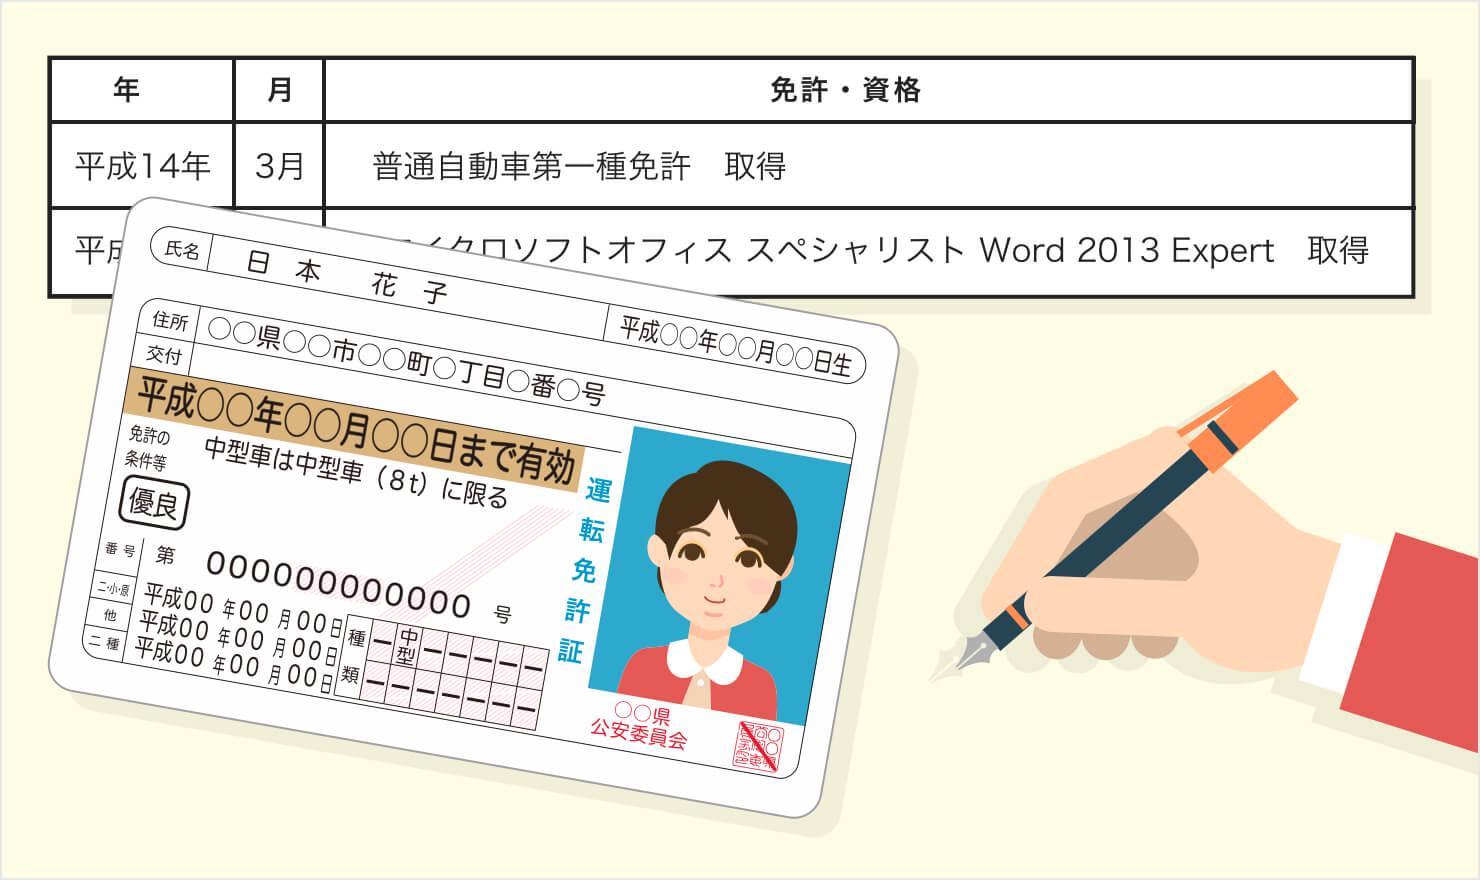 条件がポイント!自動車運転免許を履歴書に記入する方法